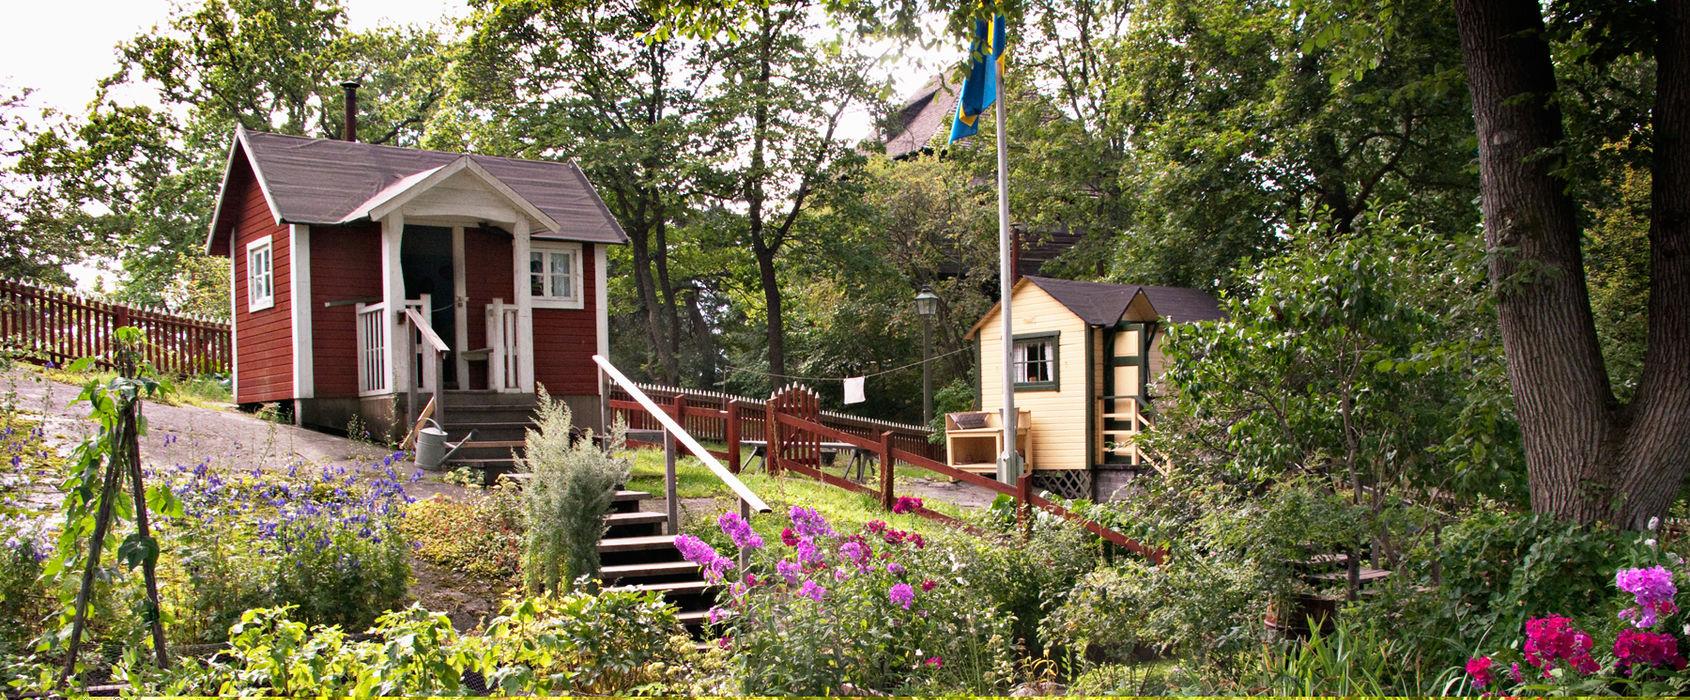 Kolonistugorna på Skansen. De två kolonistugorna på Skansen flyttades hit från södra Tantolunden på Södermalm i Stockholm 1997. Den röda representerar 1920-talet och den gula 1940-talet. Båda stugorna omges av vackra trädgårdar med både nyttoväxter och blommor.